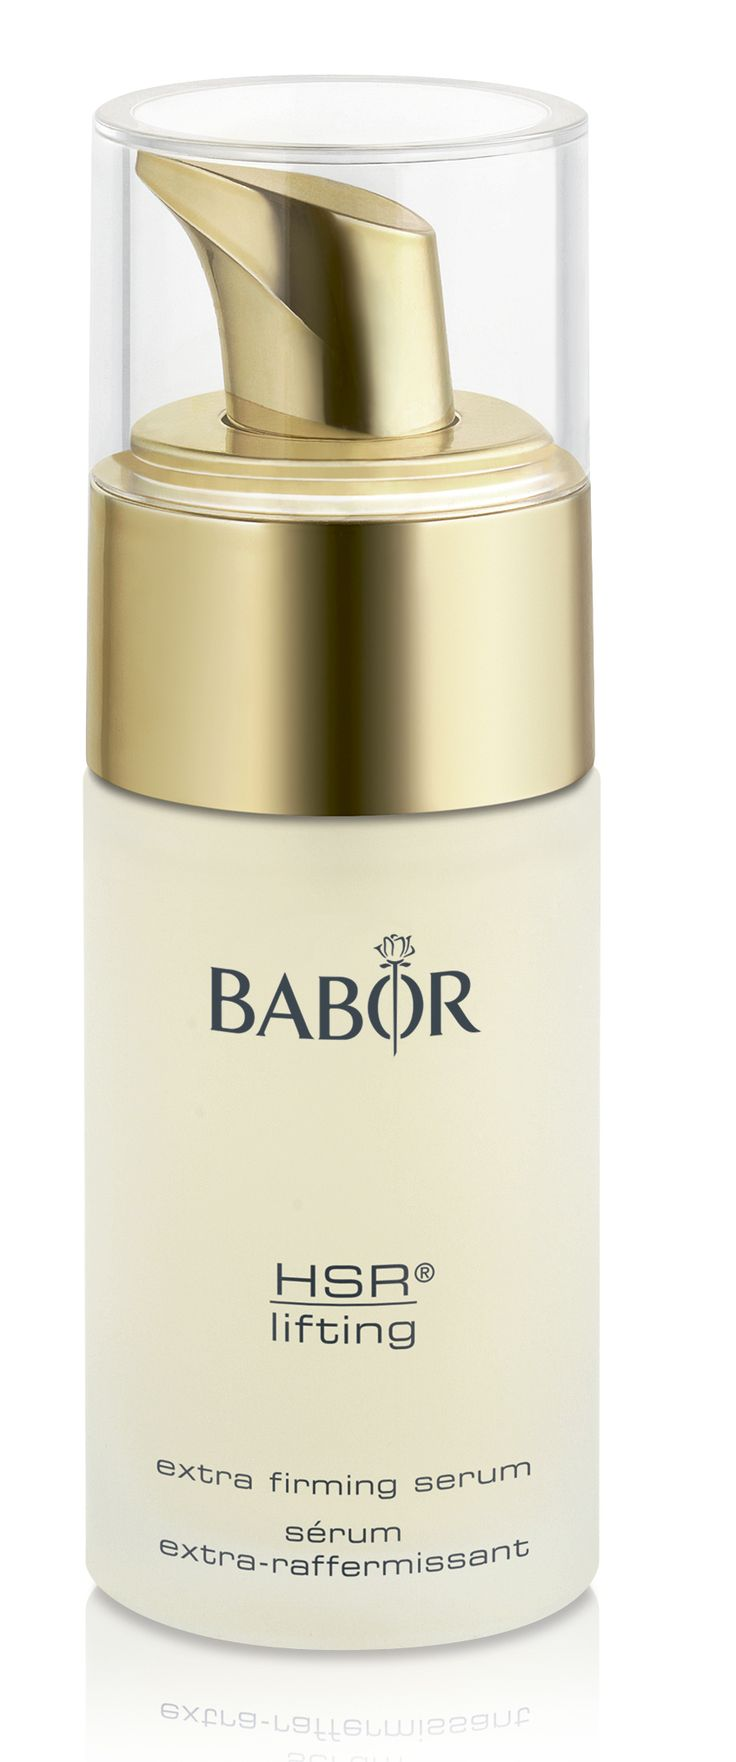 Sérum Extra Refirmante - HSR Lifting 30ml   143,50€  Sérum hidratante que confere á pele do rosto um aspecto mais jovem e suave, nutrindo em profundidade. http://www.float-in.pt/loja/serum-extra-refirmante-hsr-lifting.html